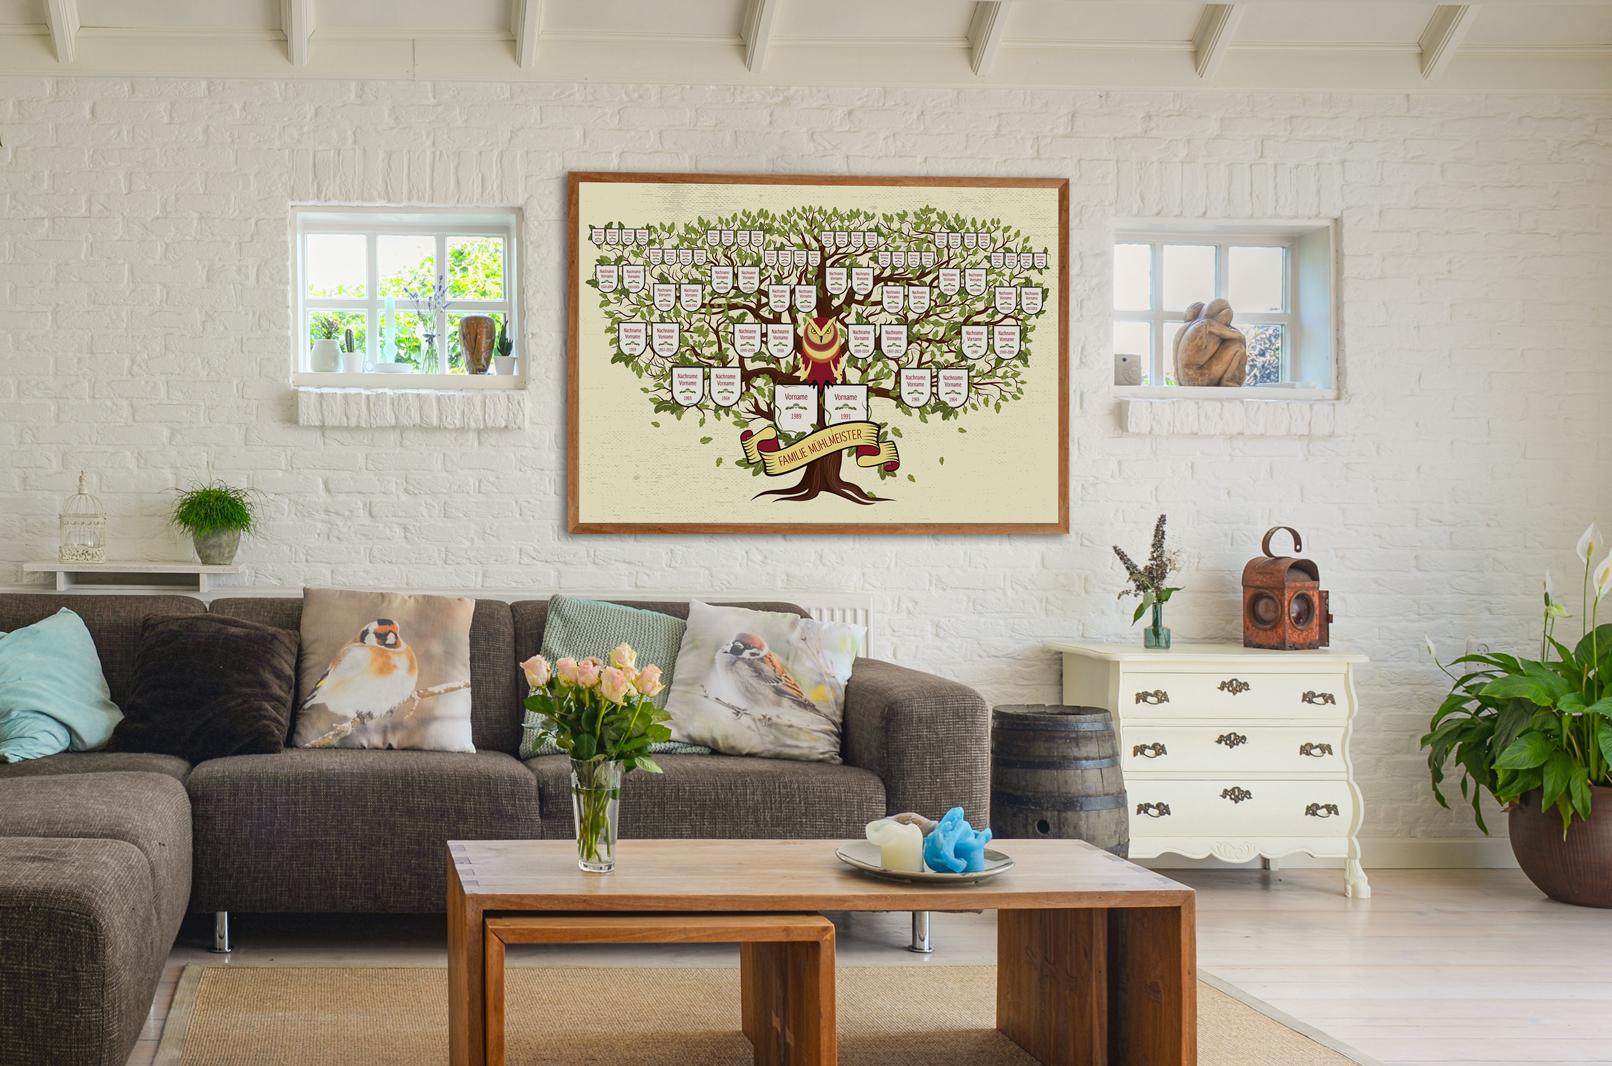 Design-Vorlage für einen Stammbaum im historisch anmutenden Stil, Farbzeichnung